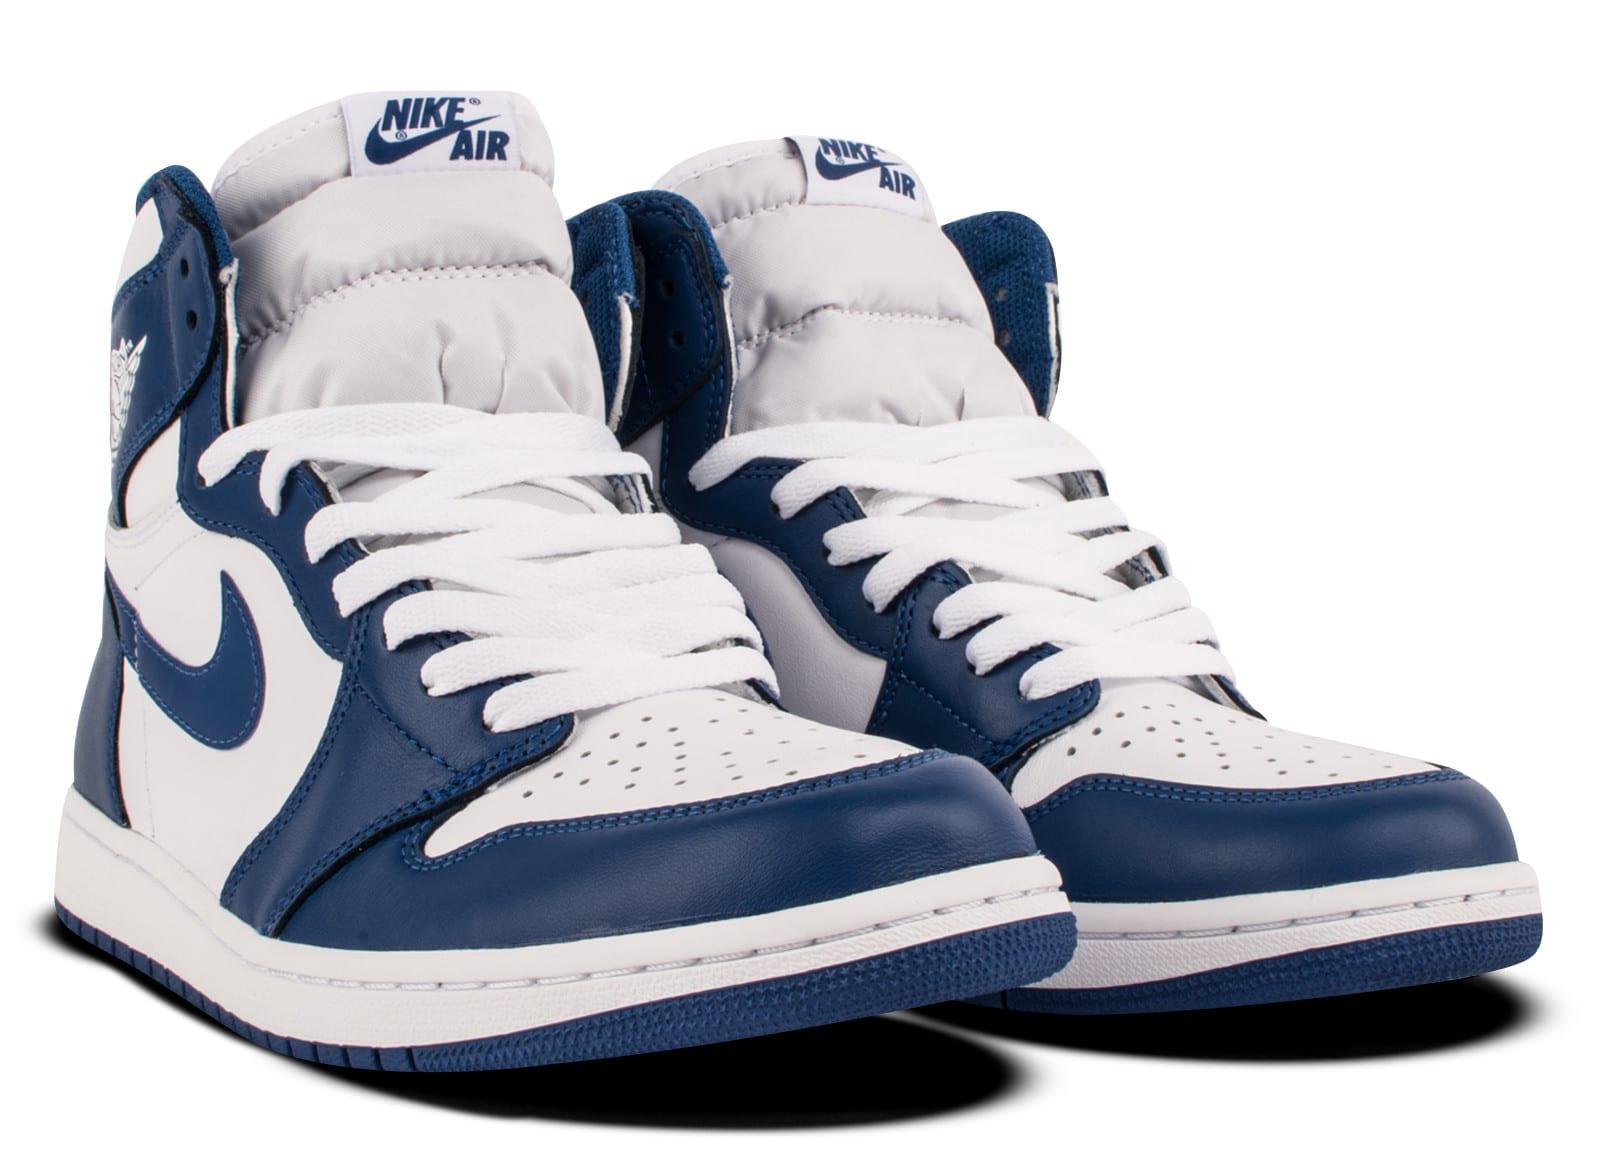 sports shoes 60a67 c4ea6 Air Jordan 1 High OG Storm Blue • KicksOnFire.com